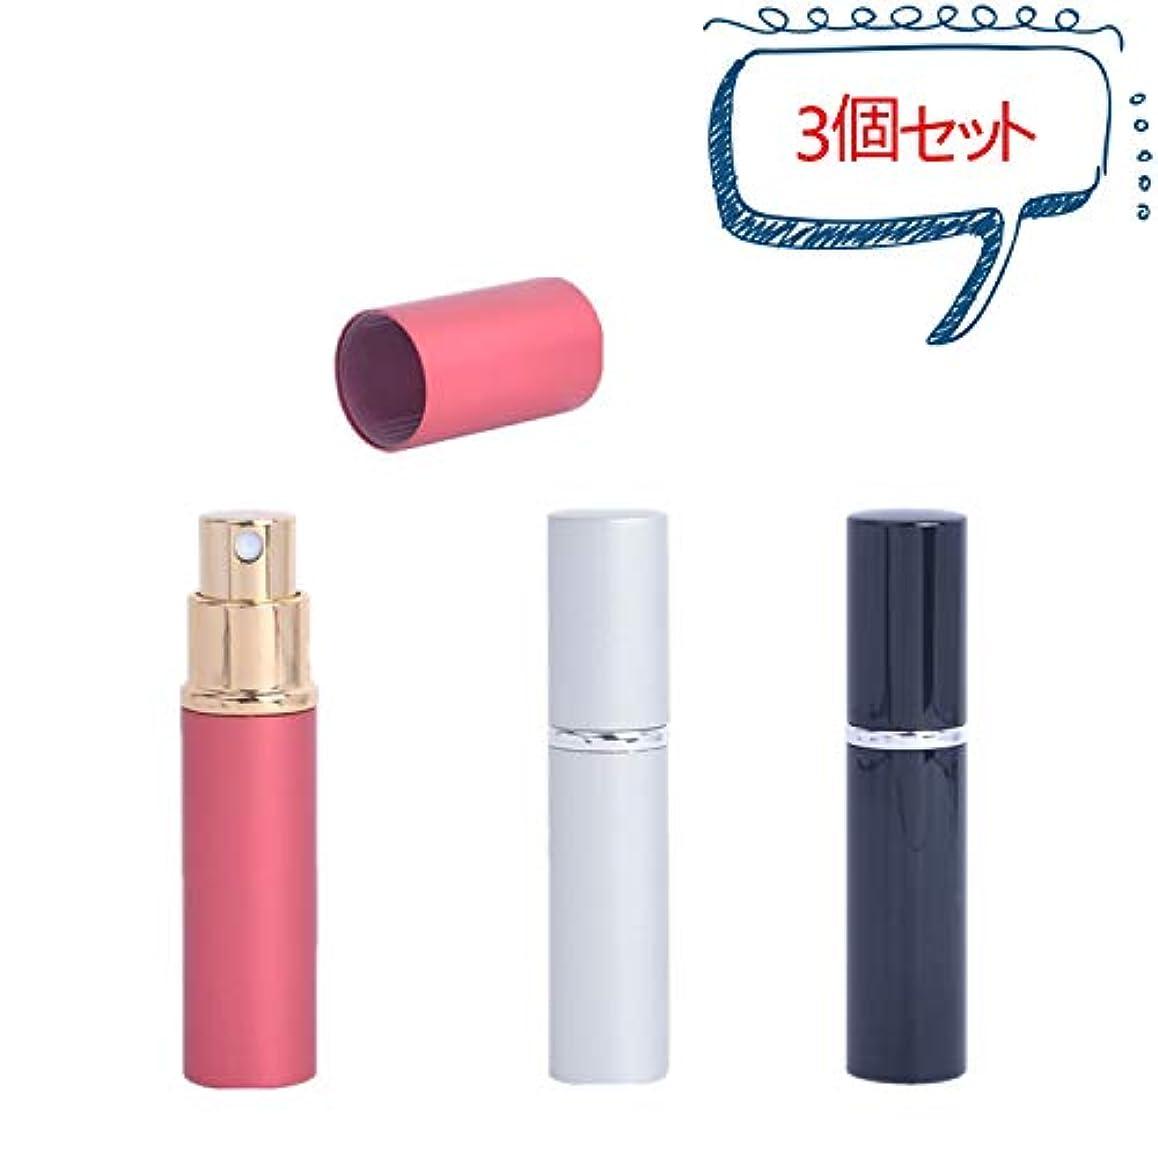 パラダイス役に立たない可決[Hordlend] 3個セット アトマイザー 香水ボトル 香水噴霧器 詰め替え容器 旅行携帯用 5ml 3色セットXSP-025